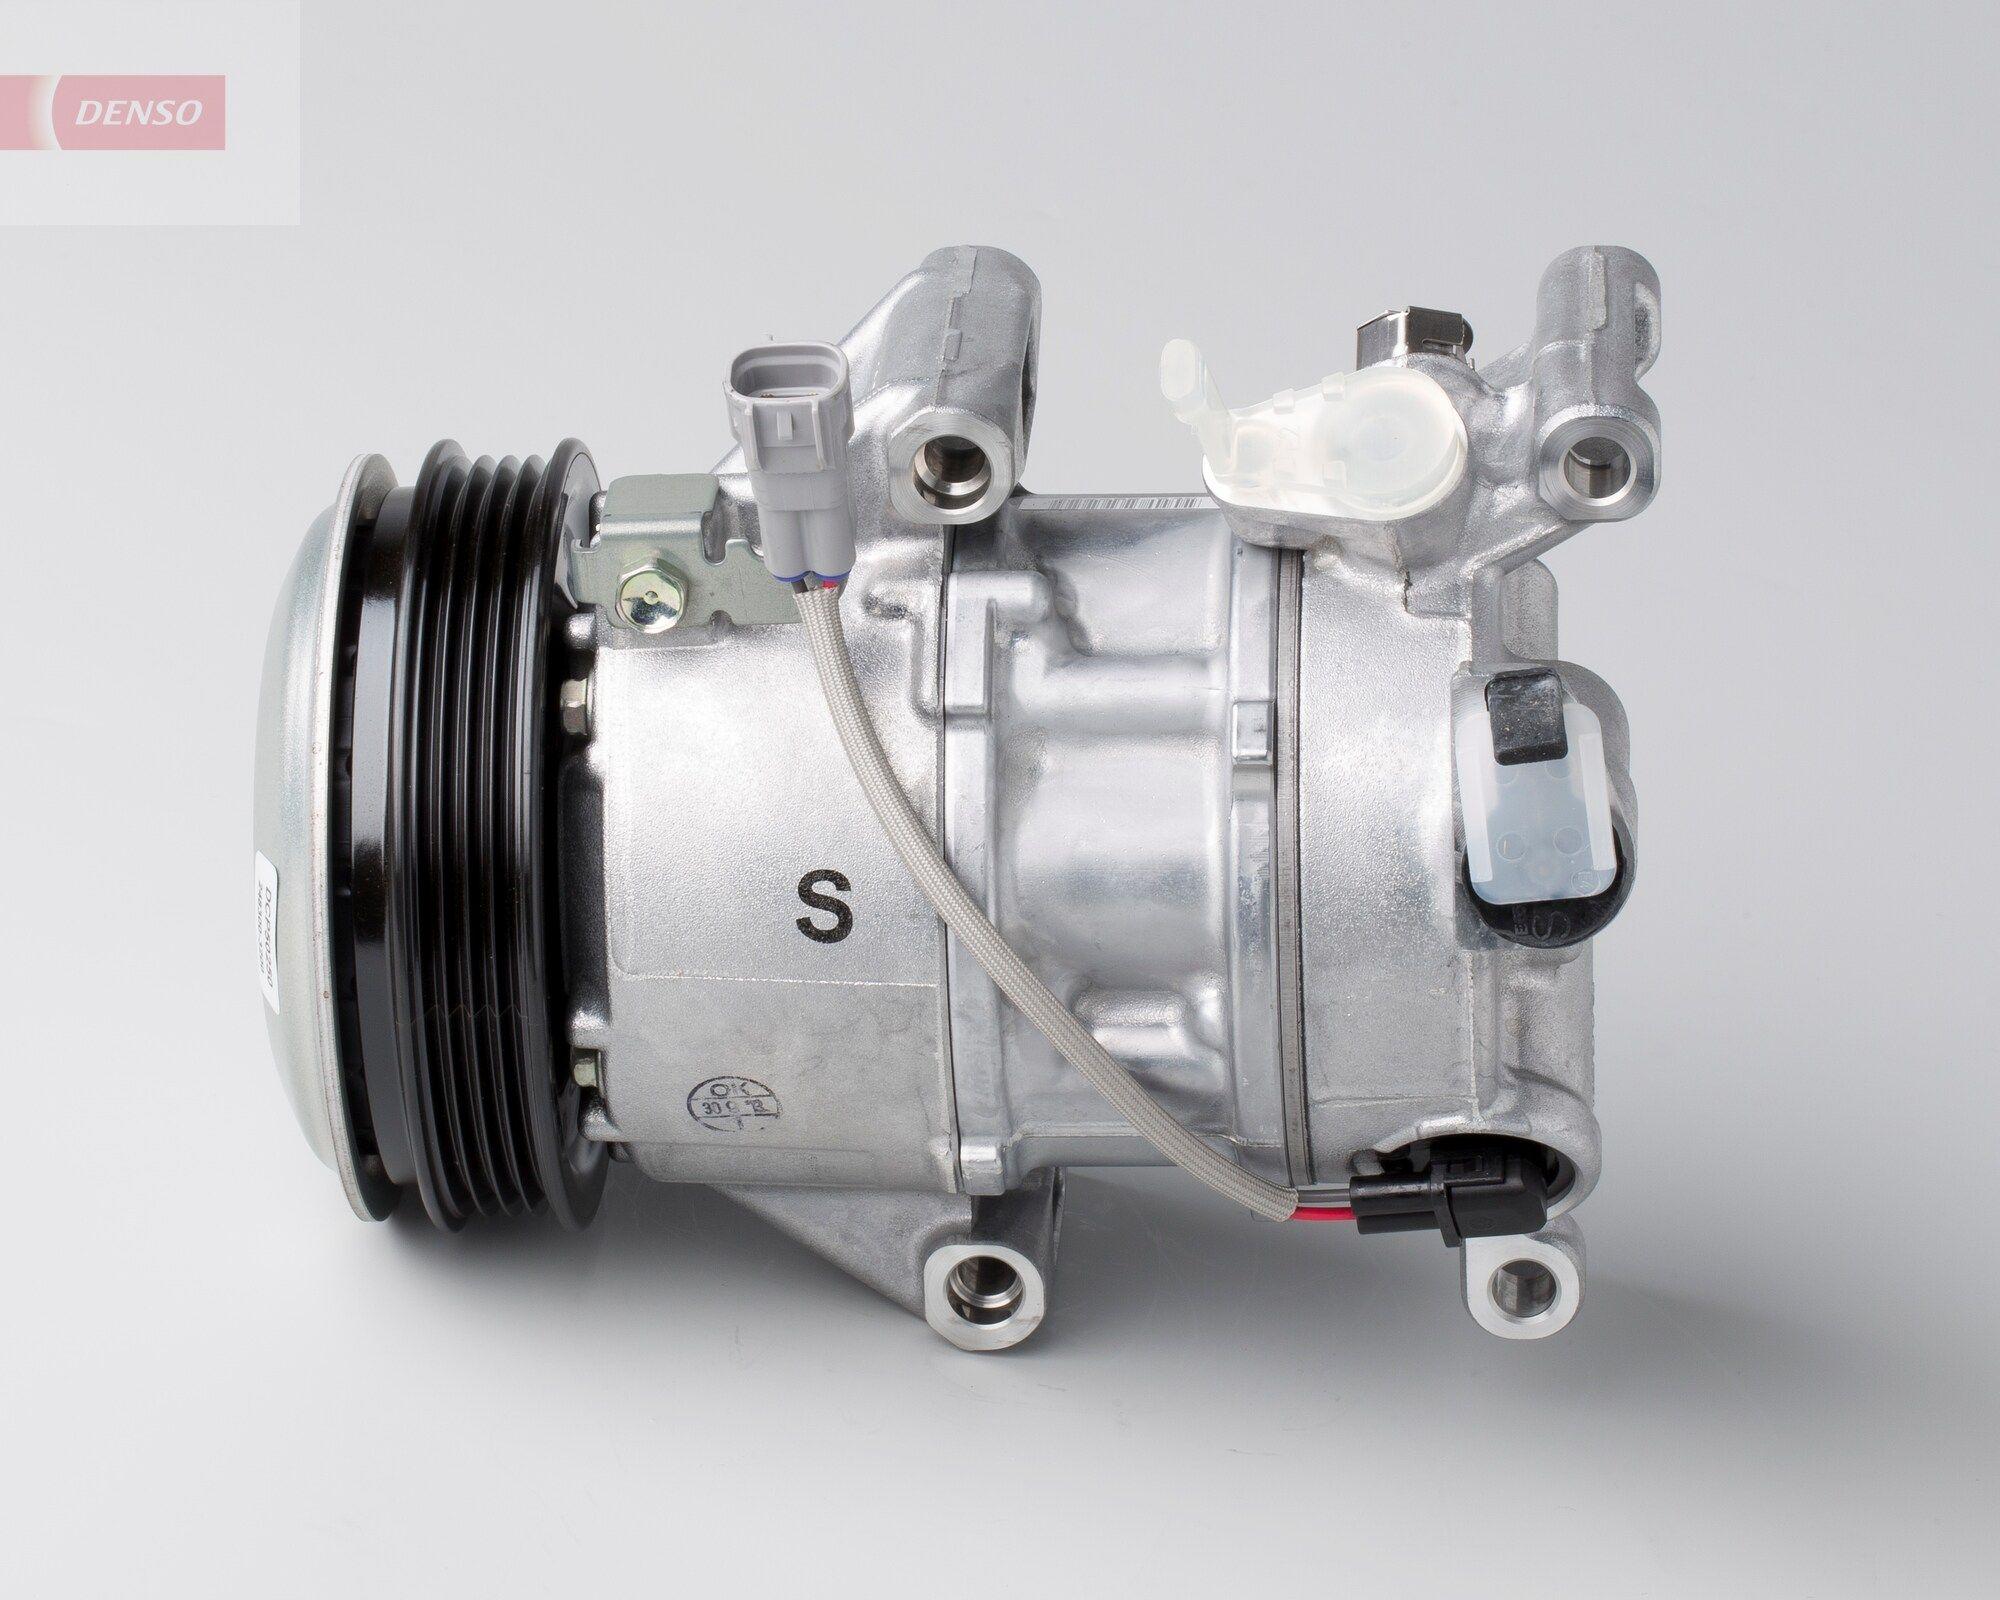 DCP50250 DENSO PAG 46, Kältemittel: R 134a Riemenscheiben-Ø: 110mm, Anzahl der Rillen: 4 Klimakompressor DCP50250 günstig kaufen